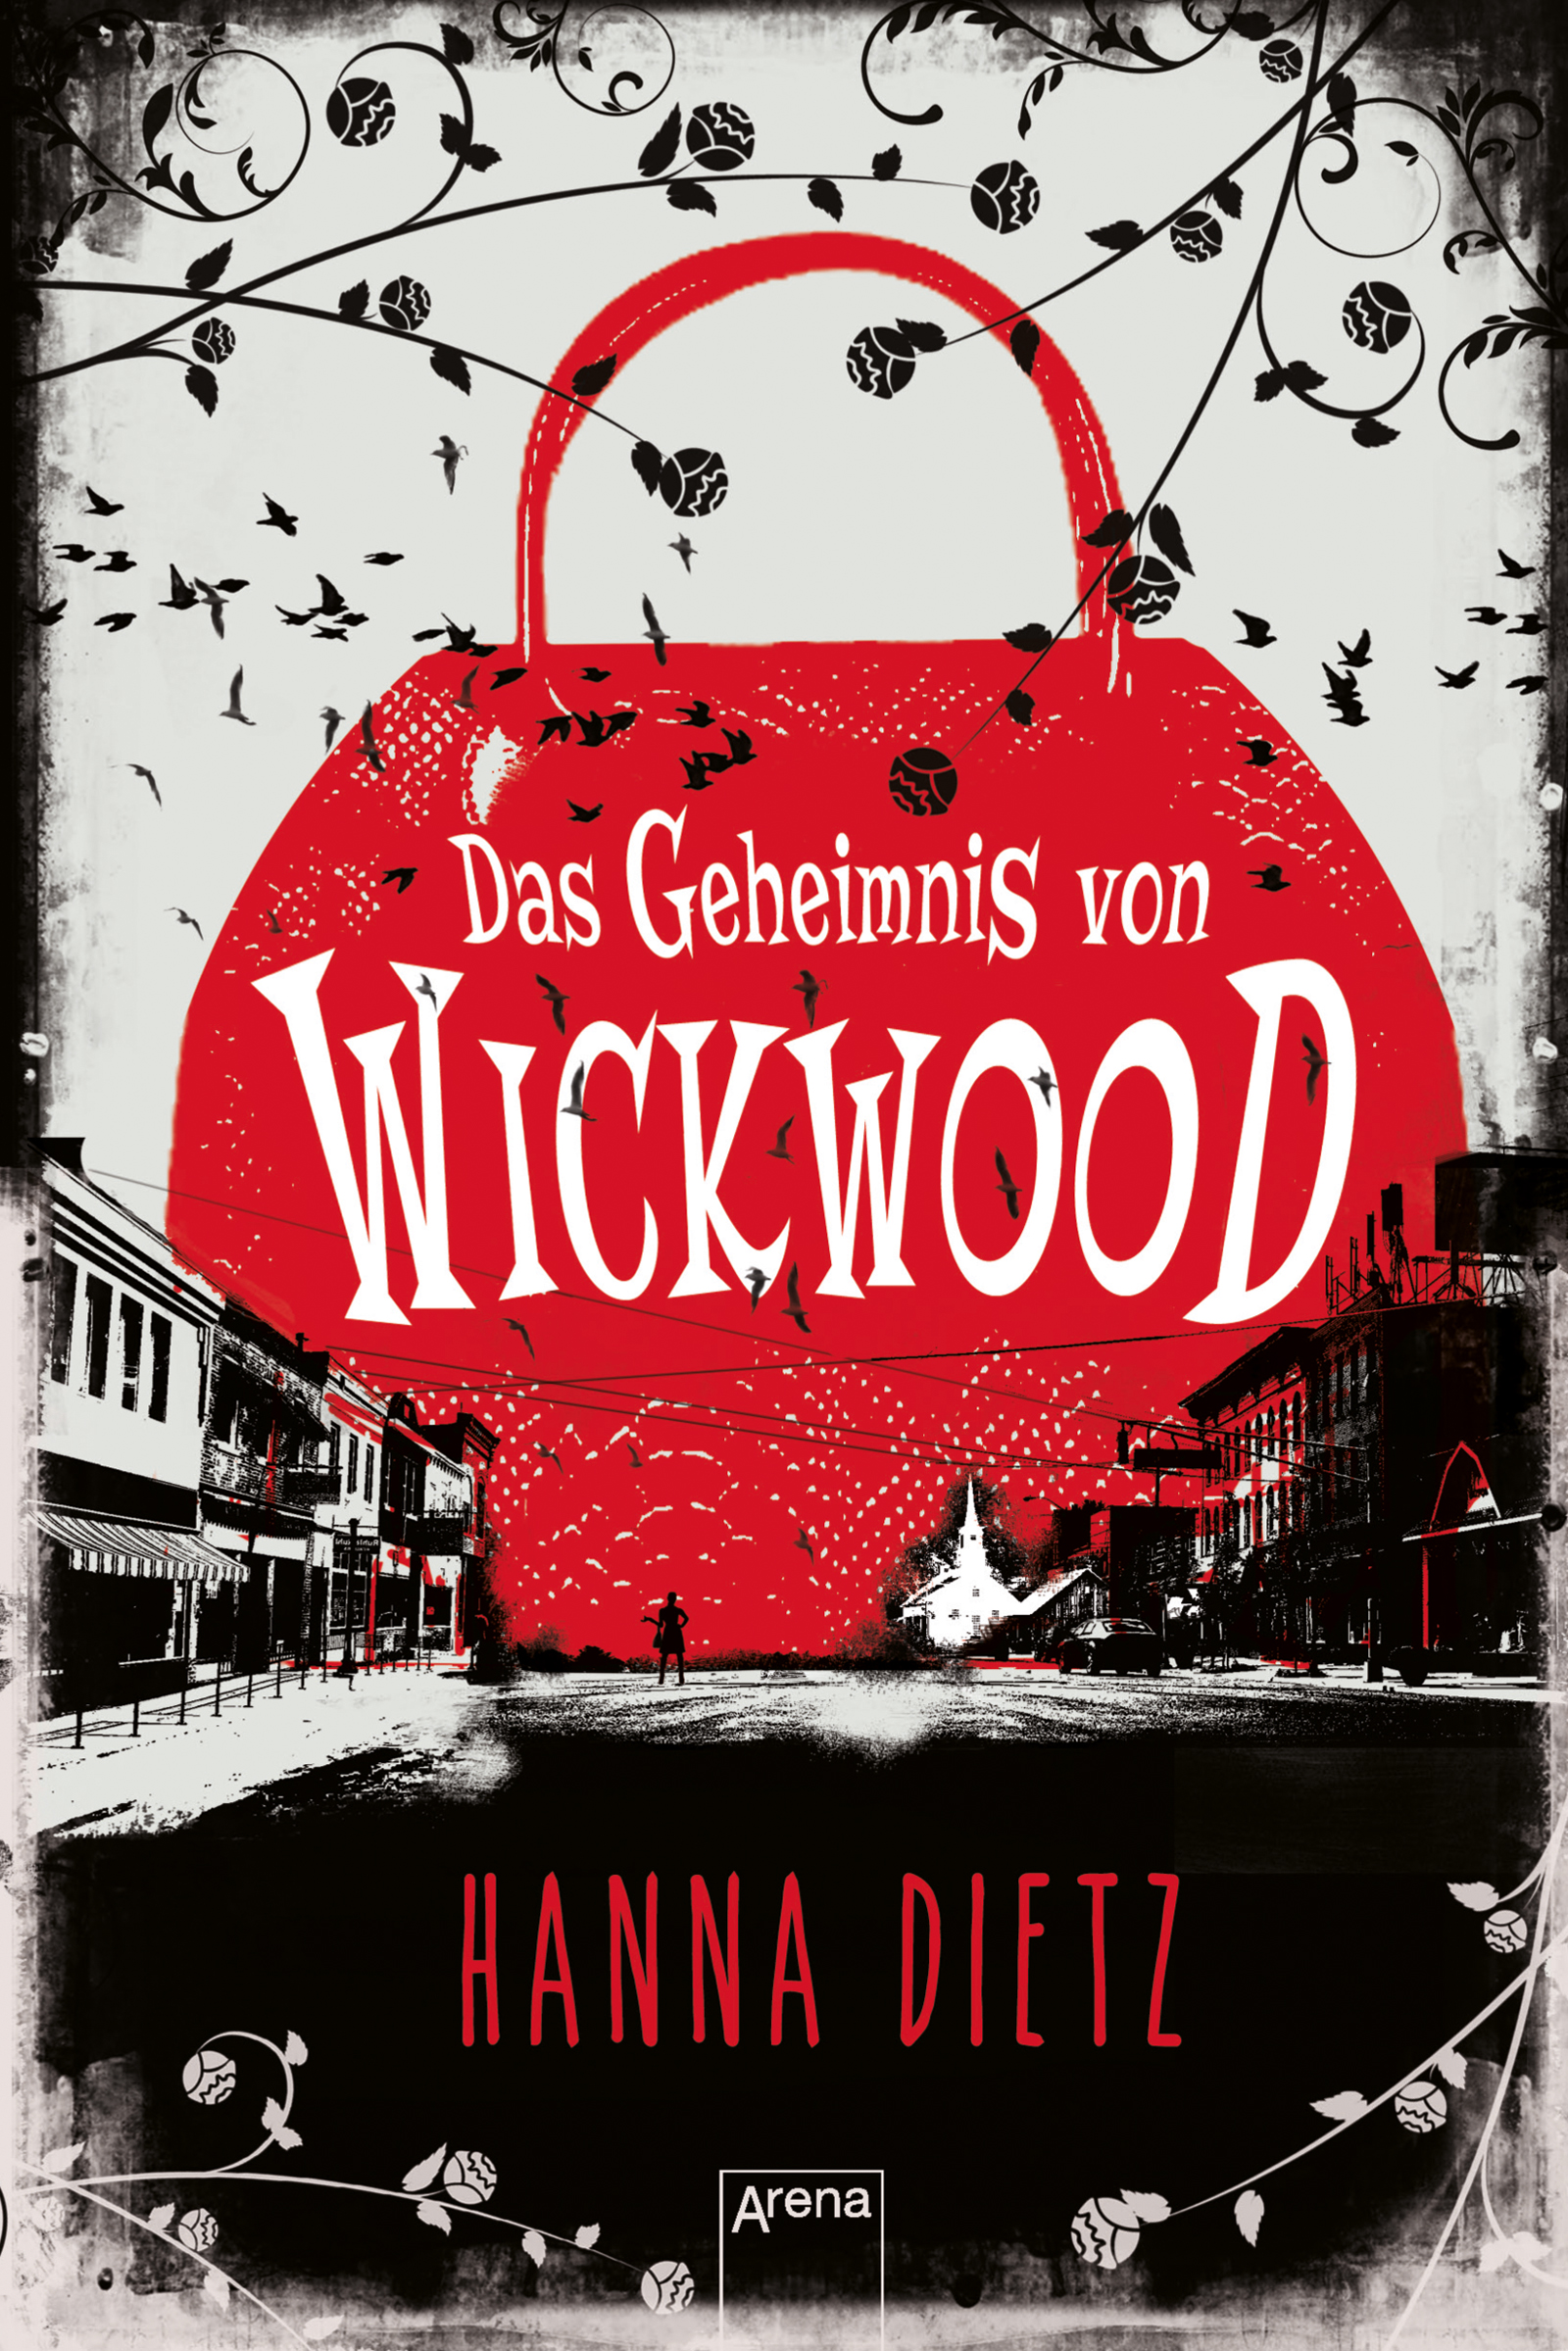 Das Geheimnis von Wick wood